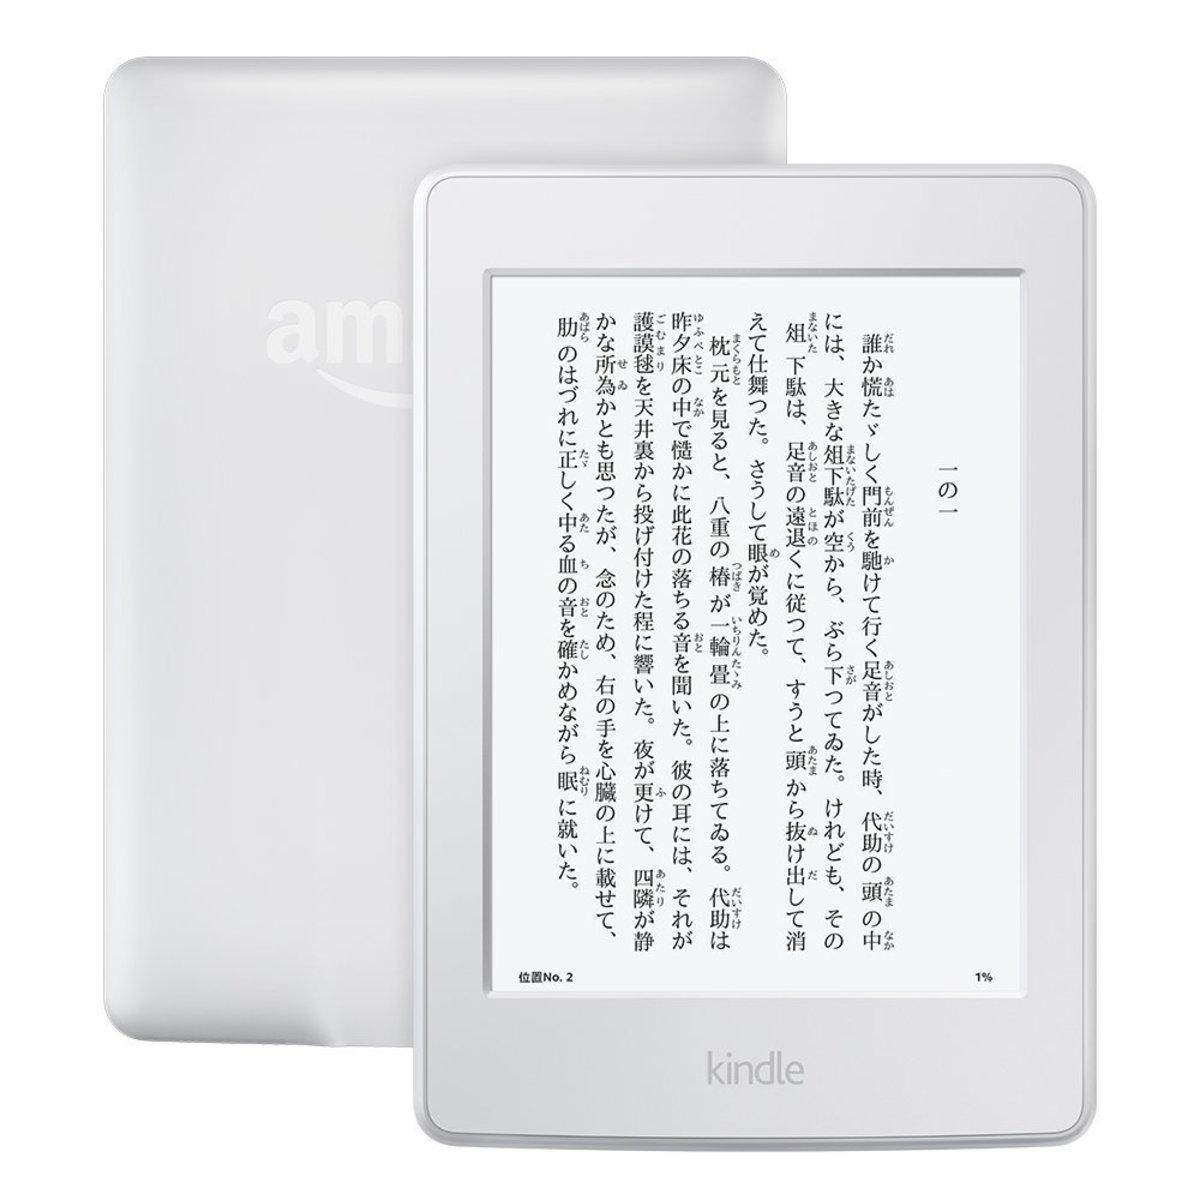 白色(4GB) - Kindle Paperwhite 第7代 Wifi 日本版(有廣告版)